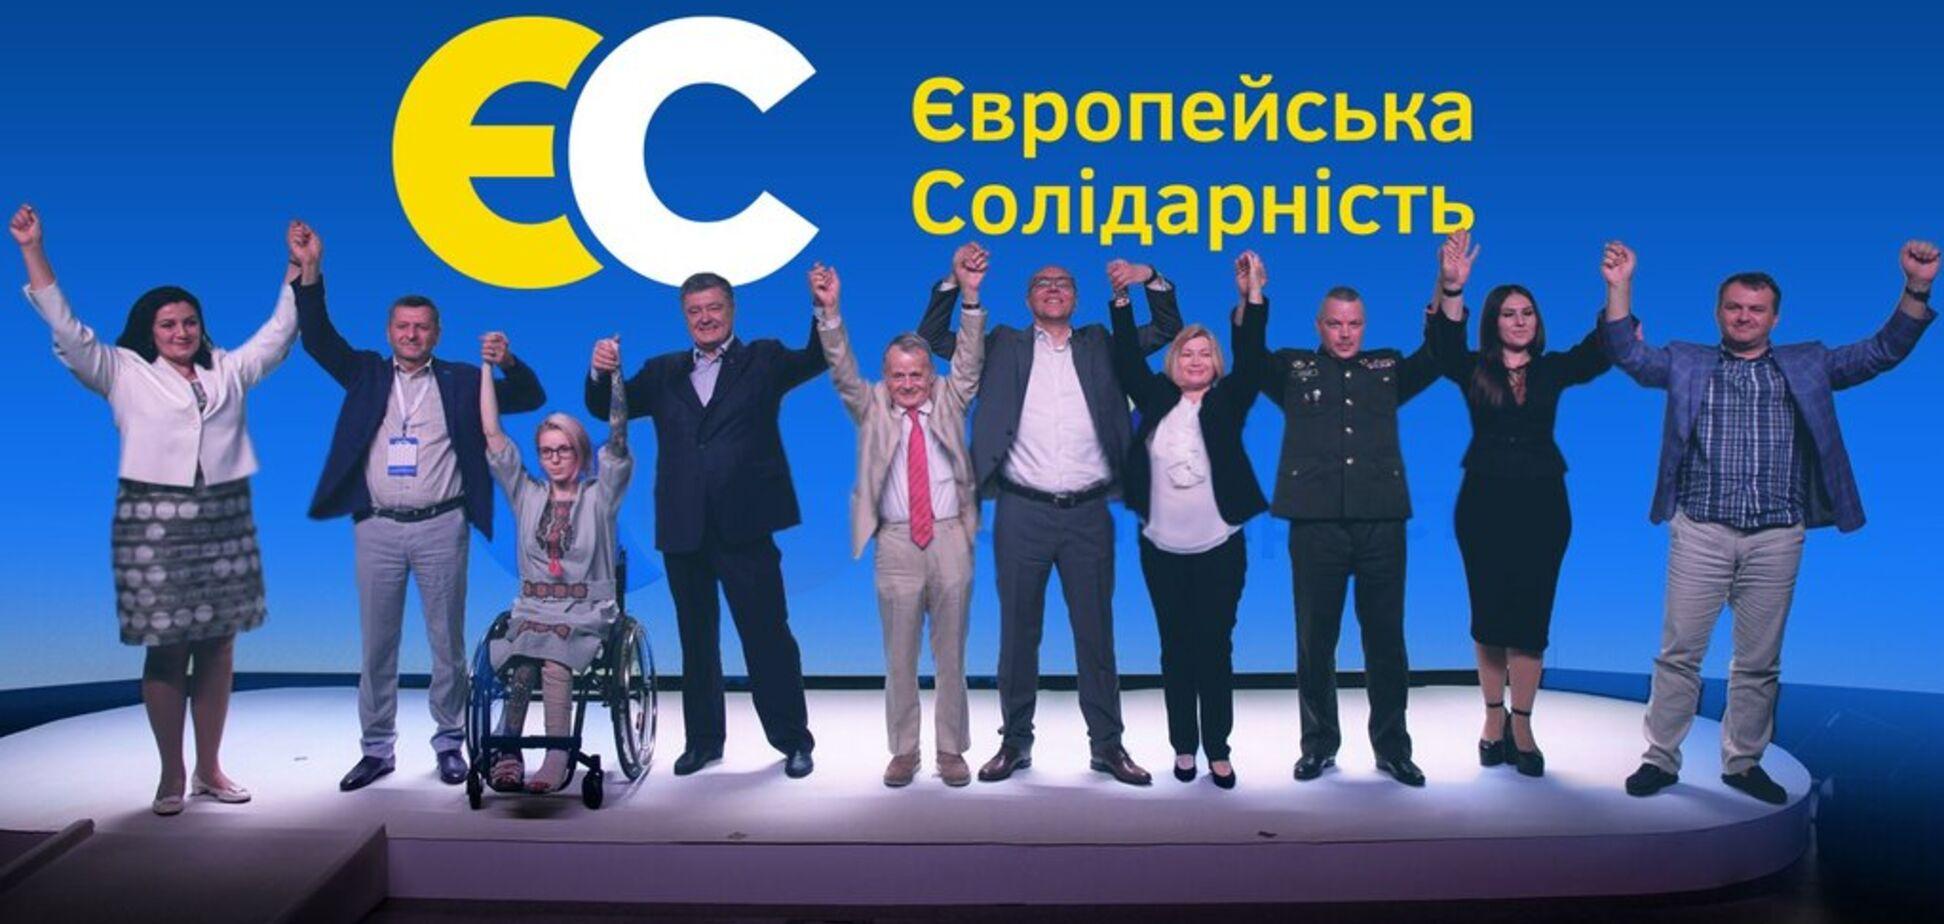 'ЄС' швидко зростає: з'явилися свіжі рейтинги партій